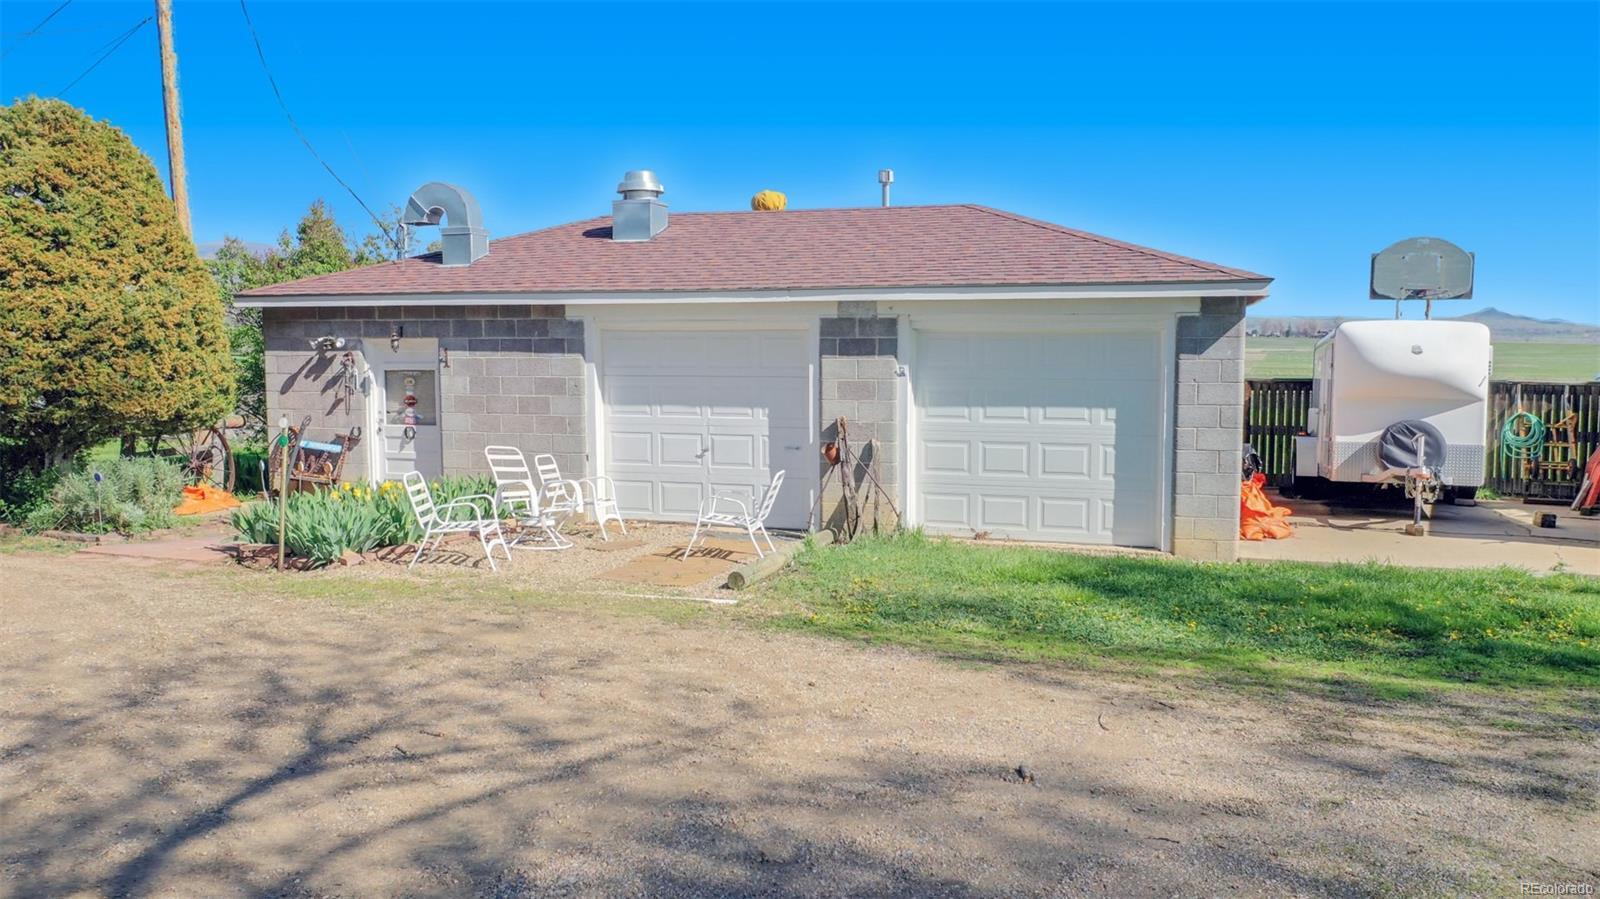 4410 51st Street, Boulder, CO 80301 - Boulder, CO real estate listing